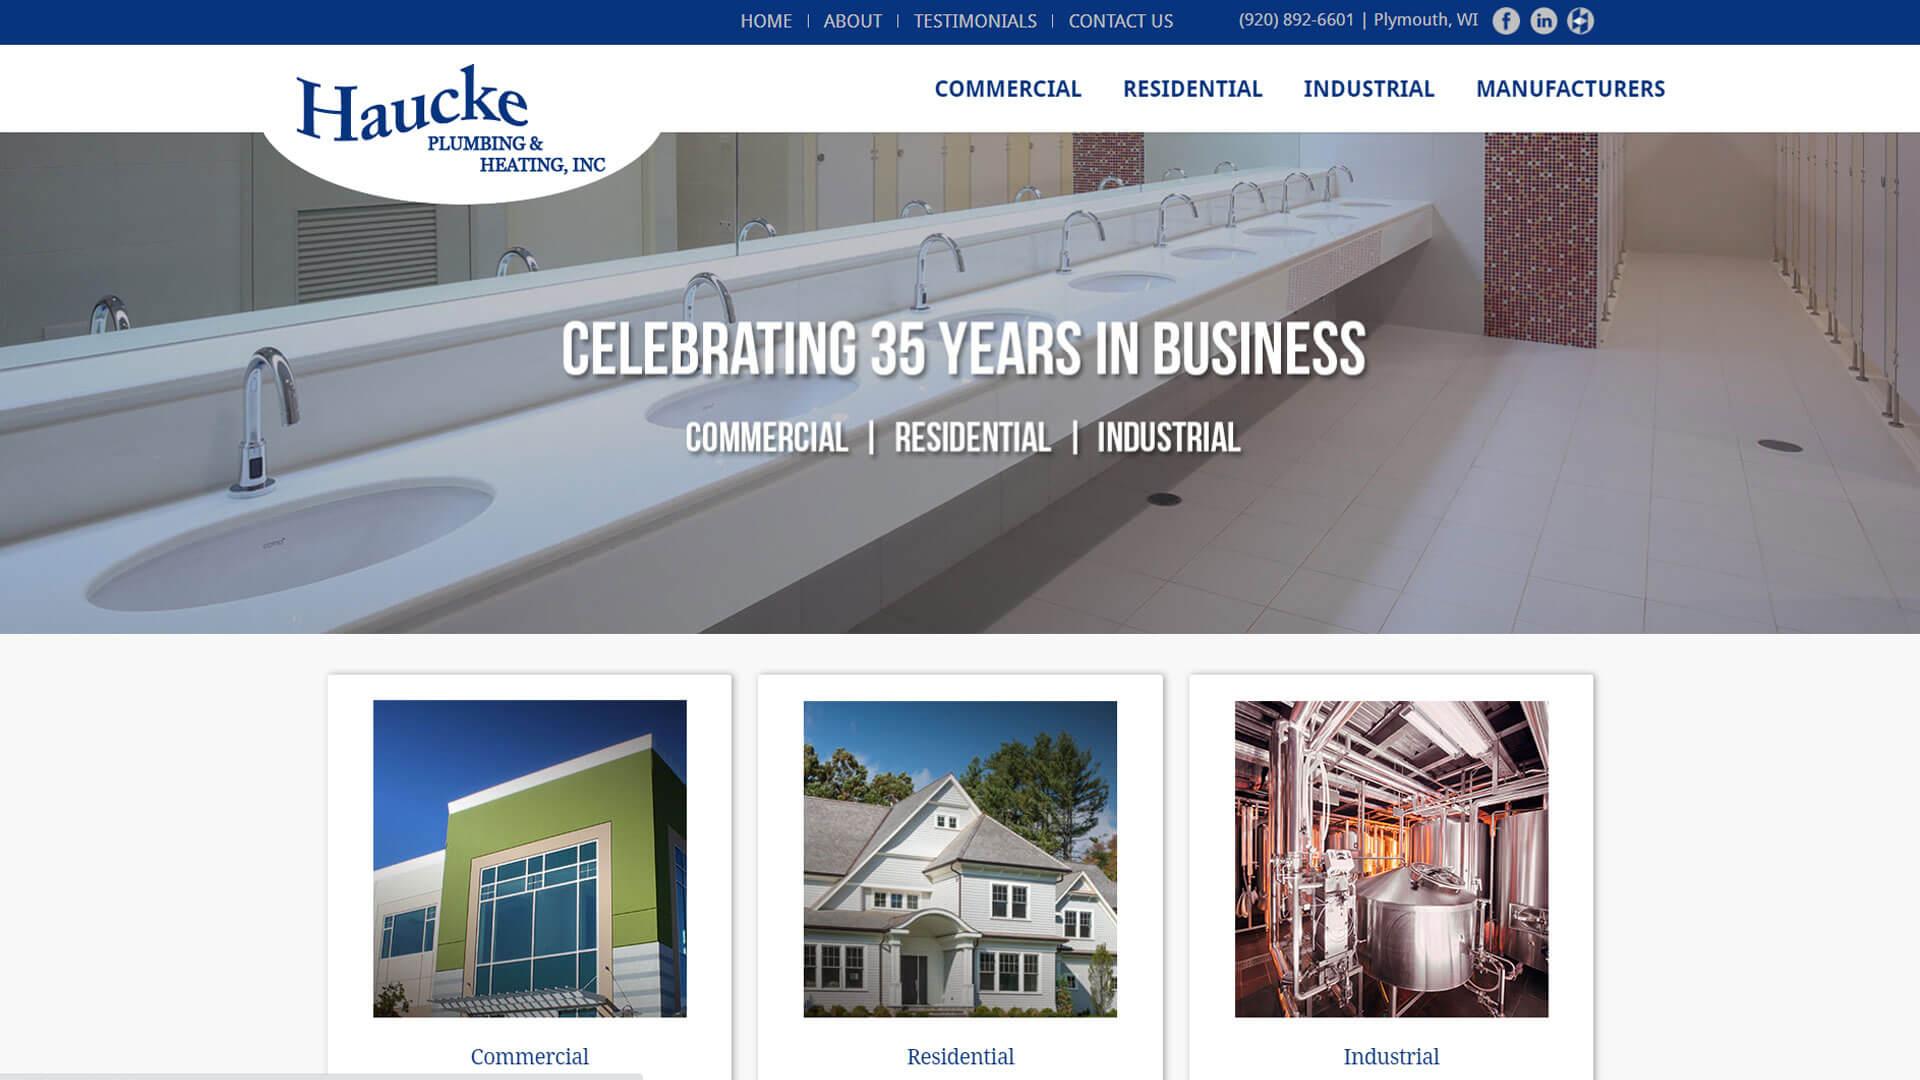 haucke-plumbing